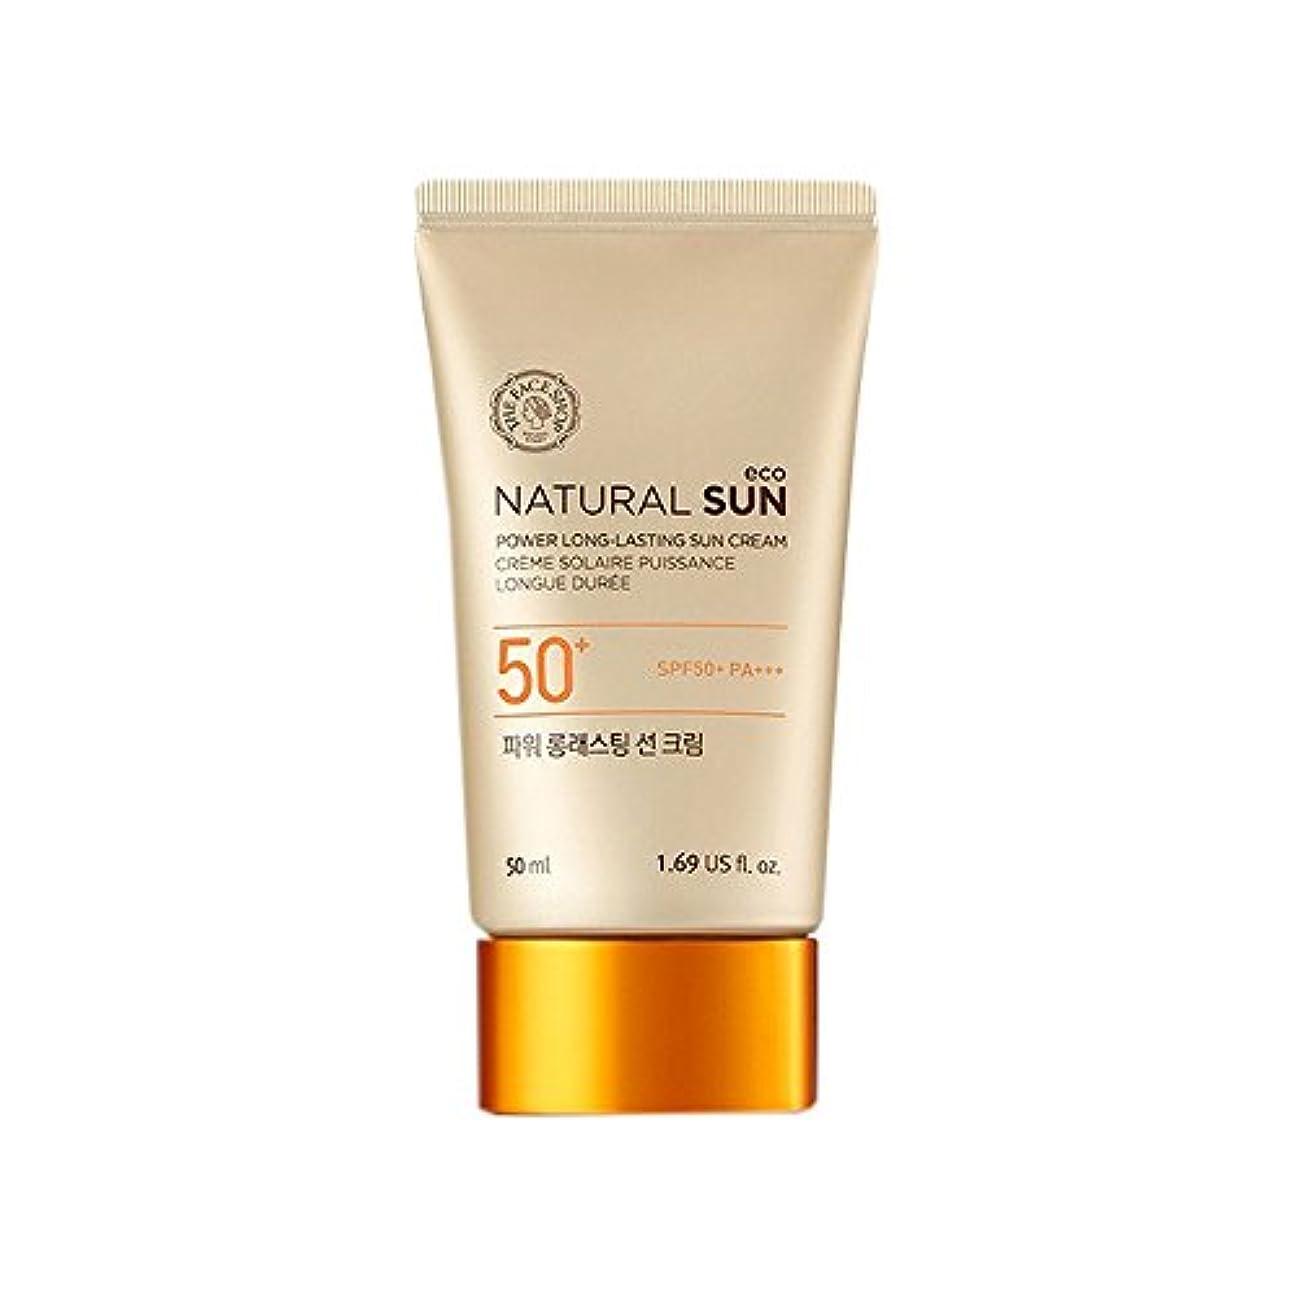 昨日カスケードチャレンジ[ザ?フェイスショップ] The Face Shop ナチュラルサン エコ パワー ロングラスティング サン クリーム SPF50+PA+++50ml The Face Shop Natural Sun Eco Power...